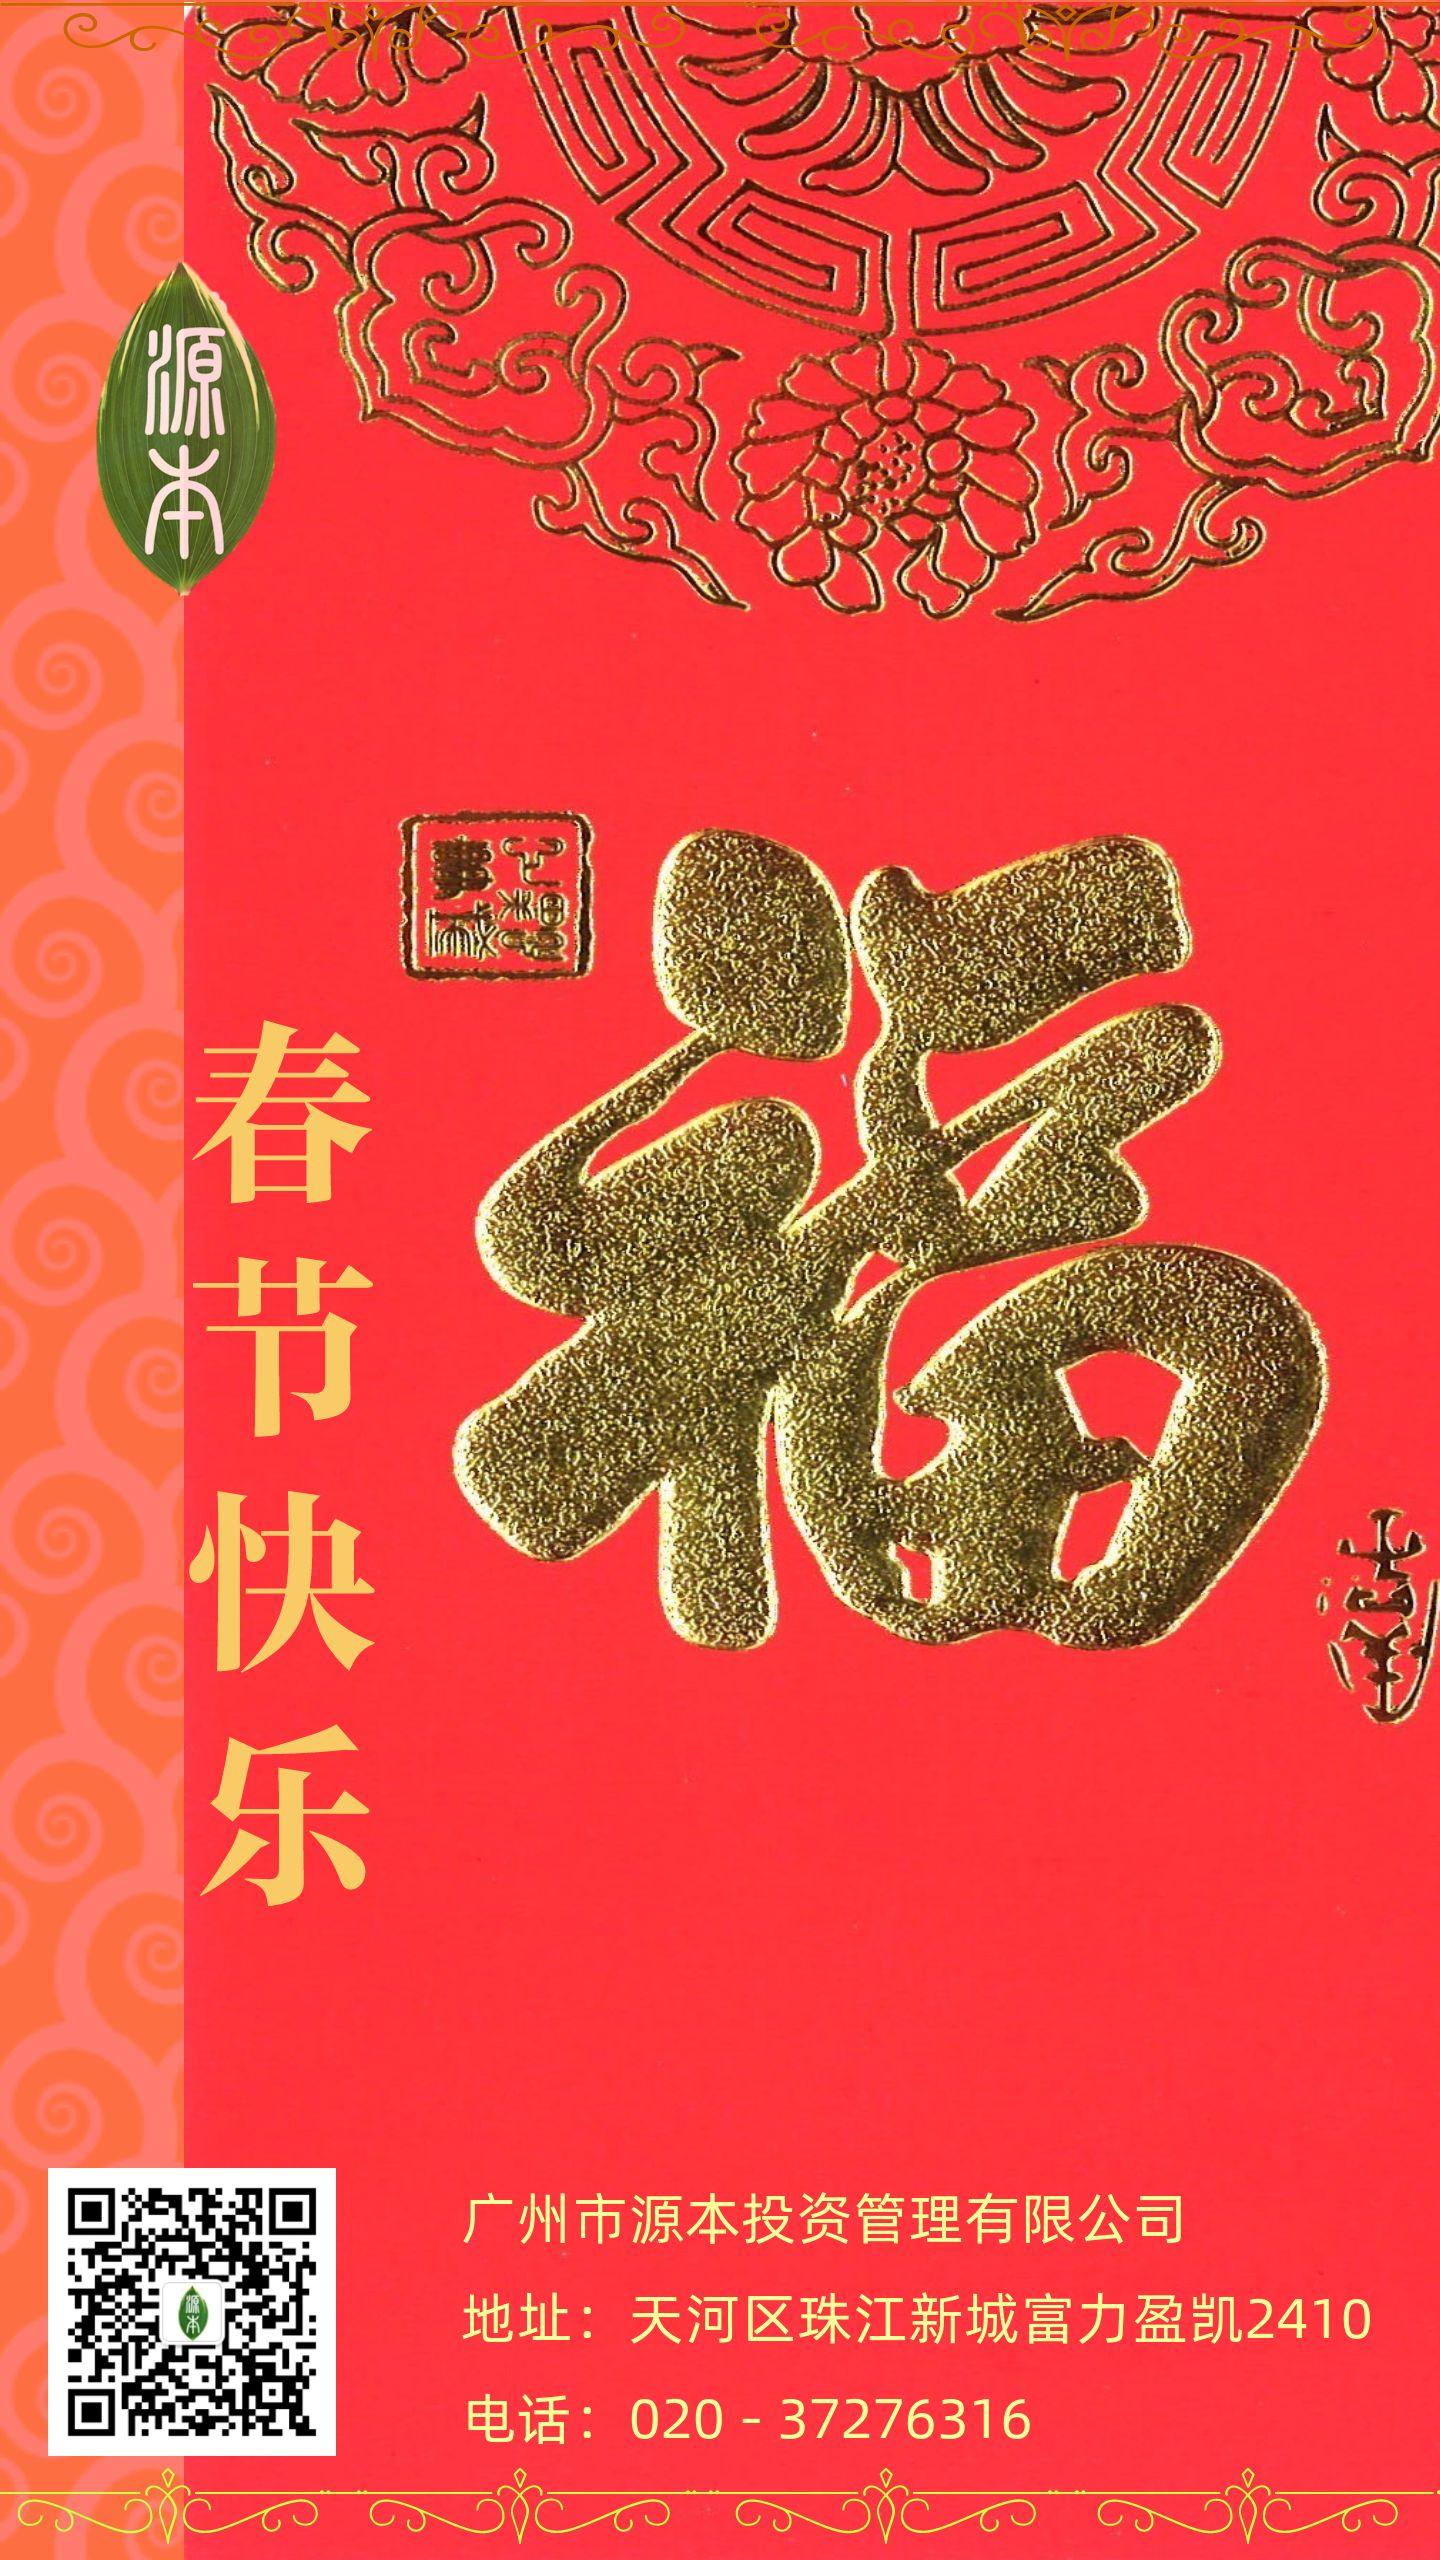 新年春节快乐红色金色花纹云边祝福海报